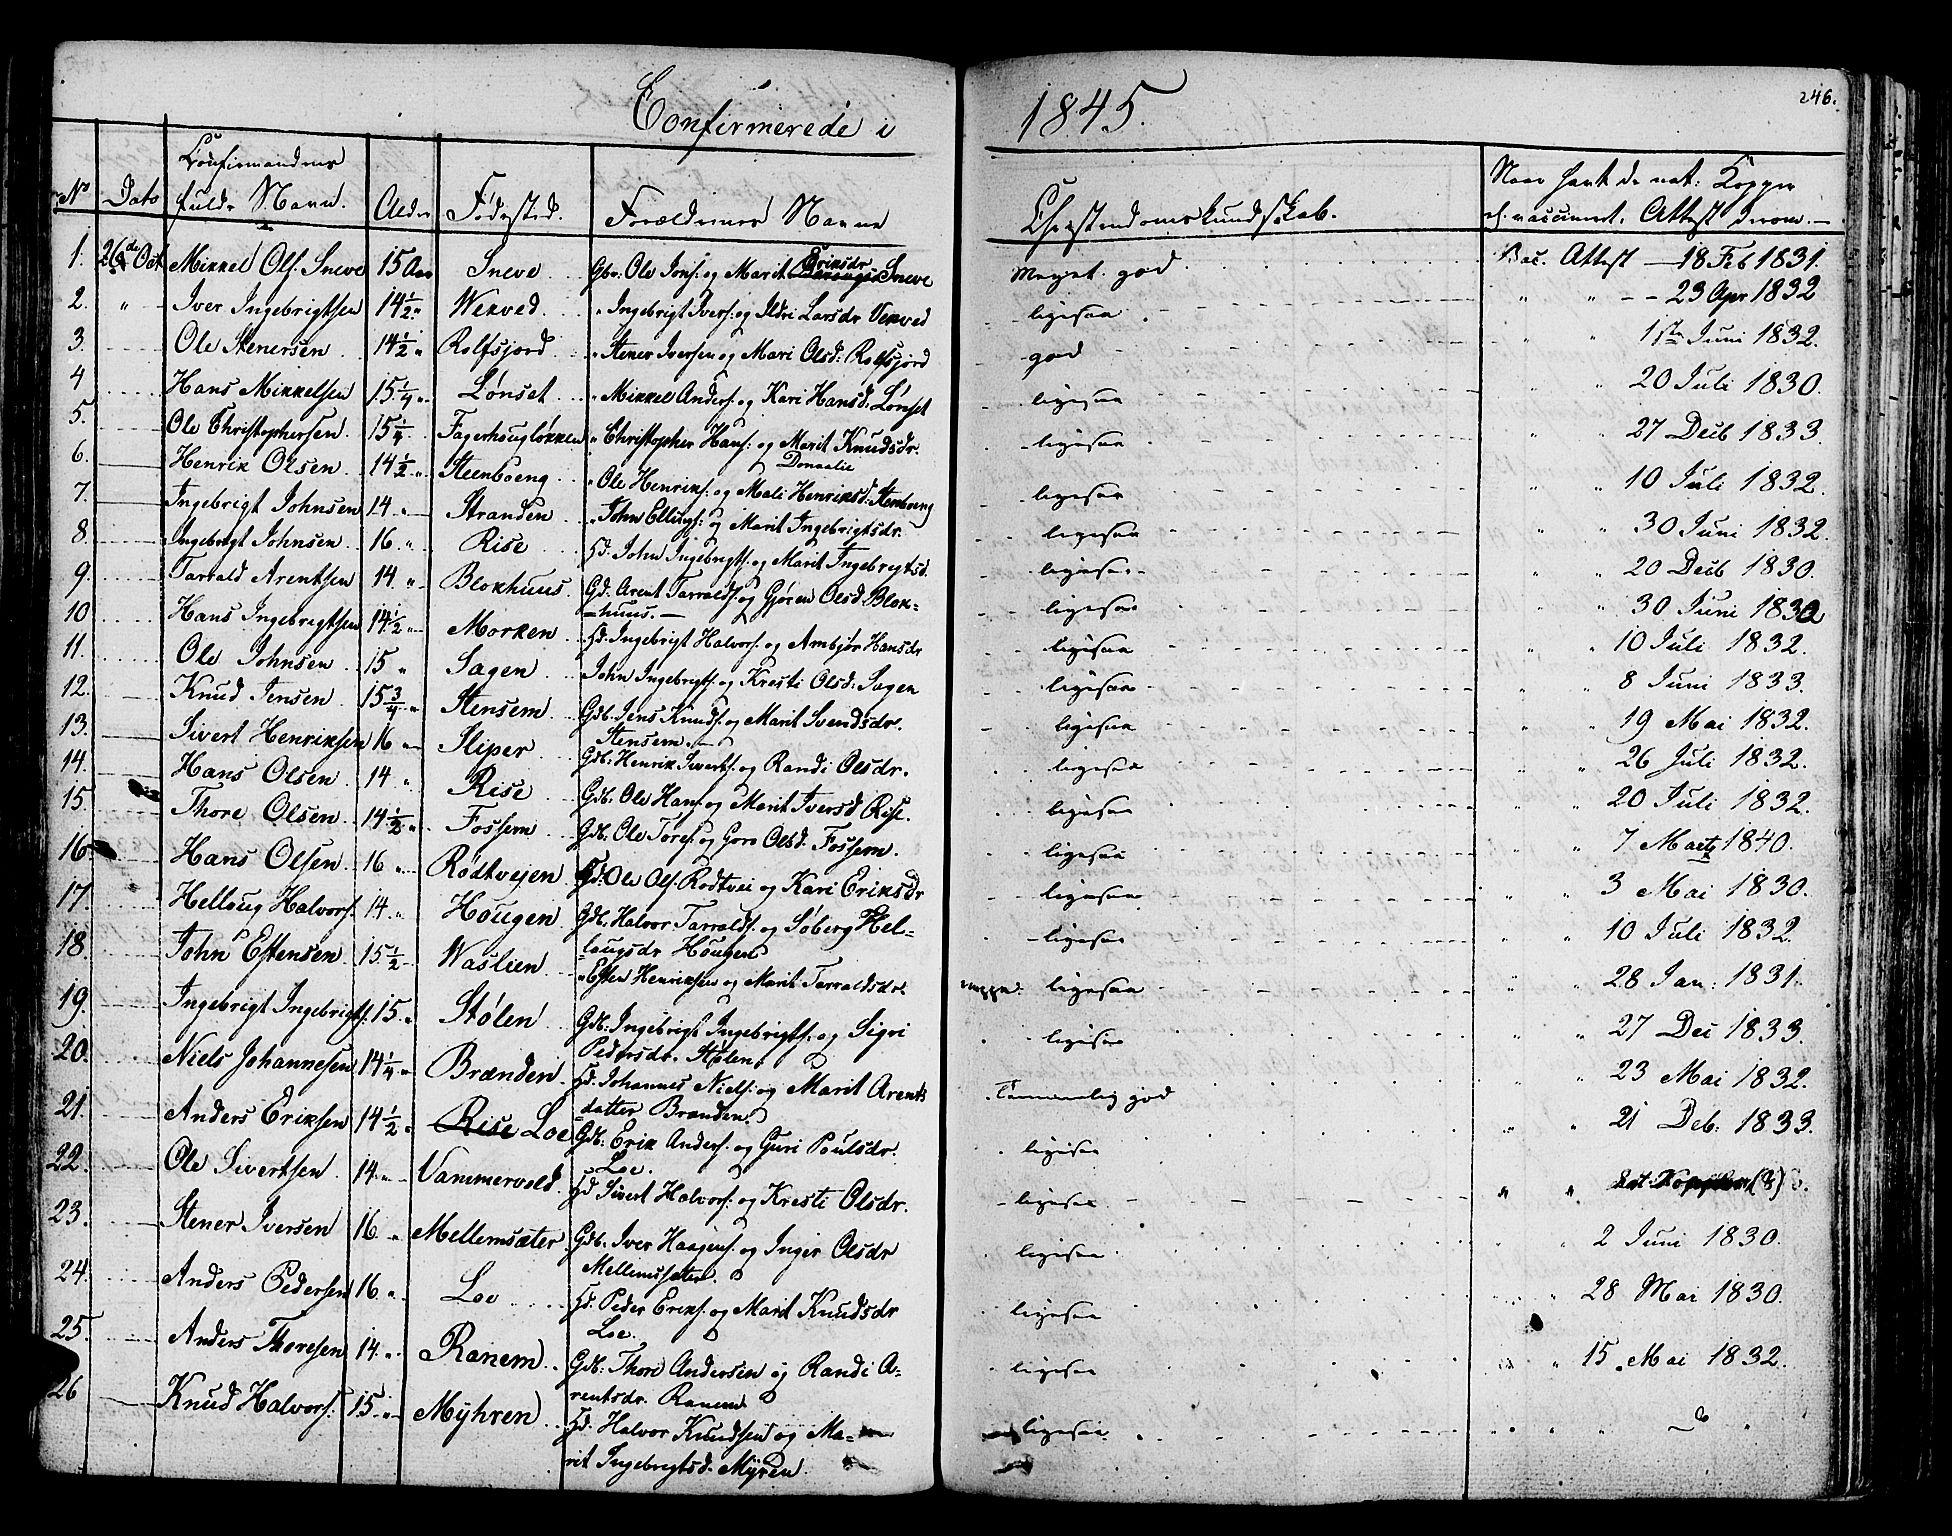 SAT, Ministerialprotokoller, klokkerbøker og fødselsregistre - Sør-Trøndelag, 678/L0897: Ministerialbok nr. 678A06-07, 1821-1847, s. 246